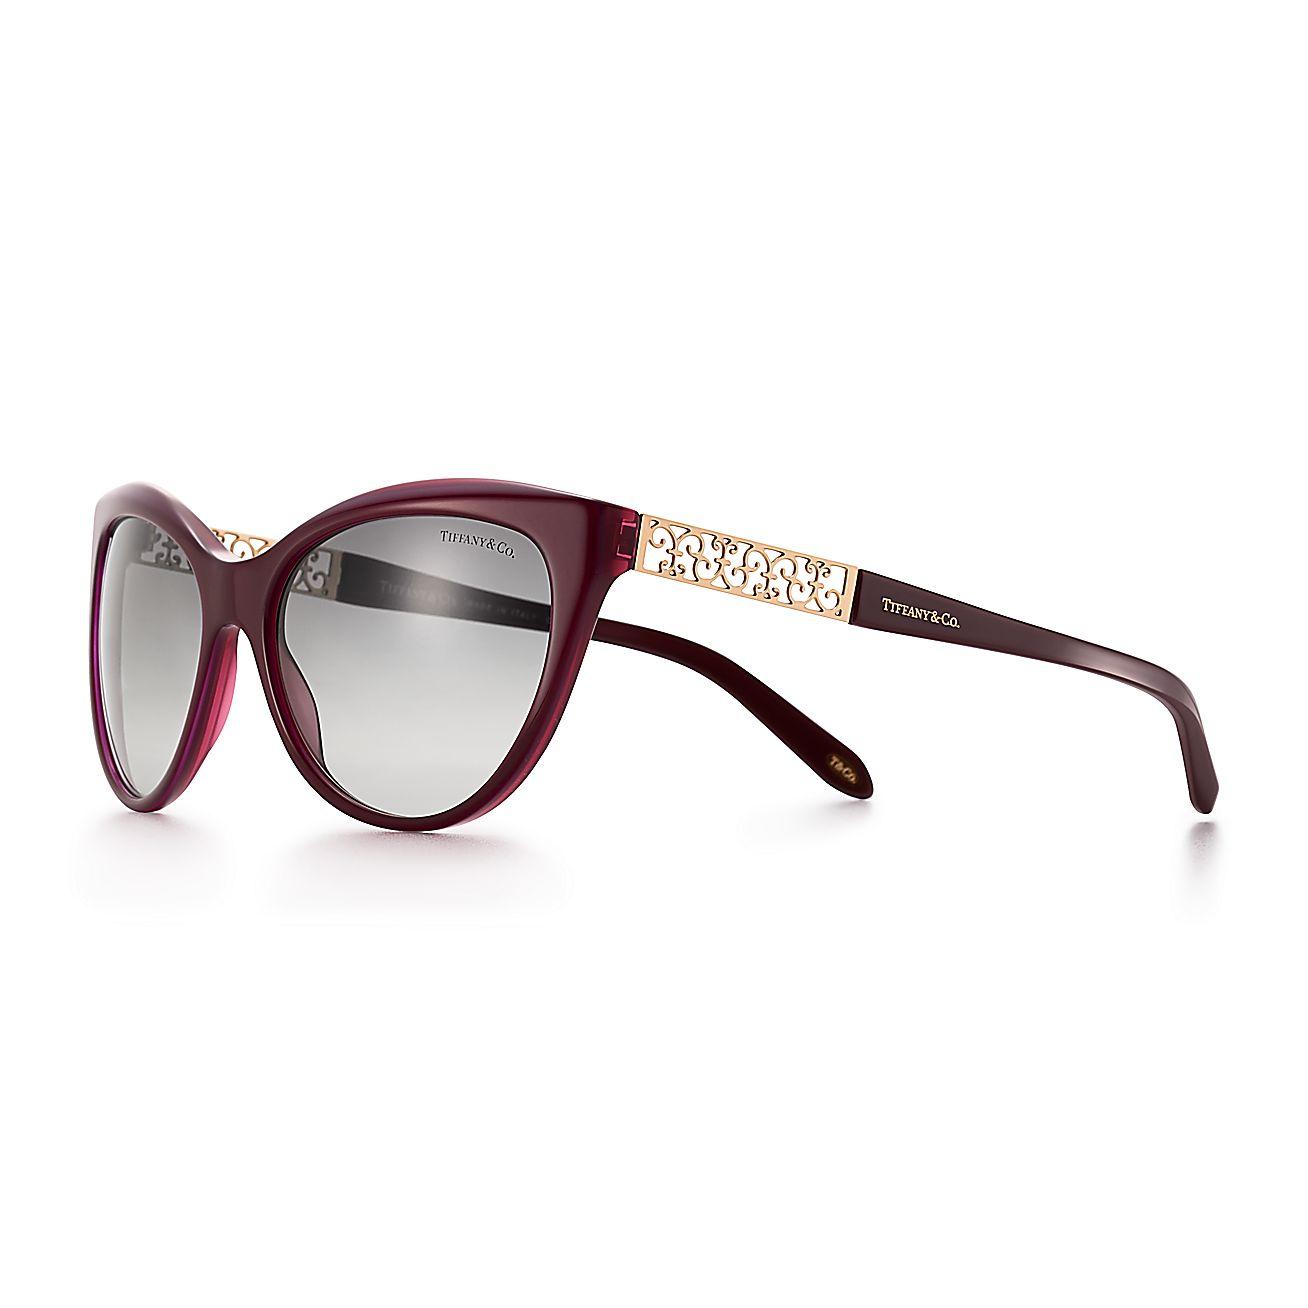 975d58f30e25 Tiffany Cat Eye Sunglasses Tf4143b